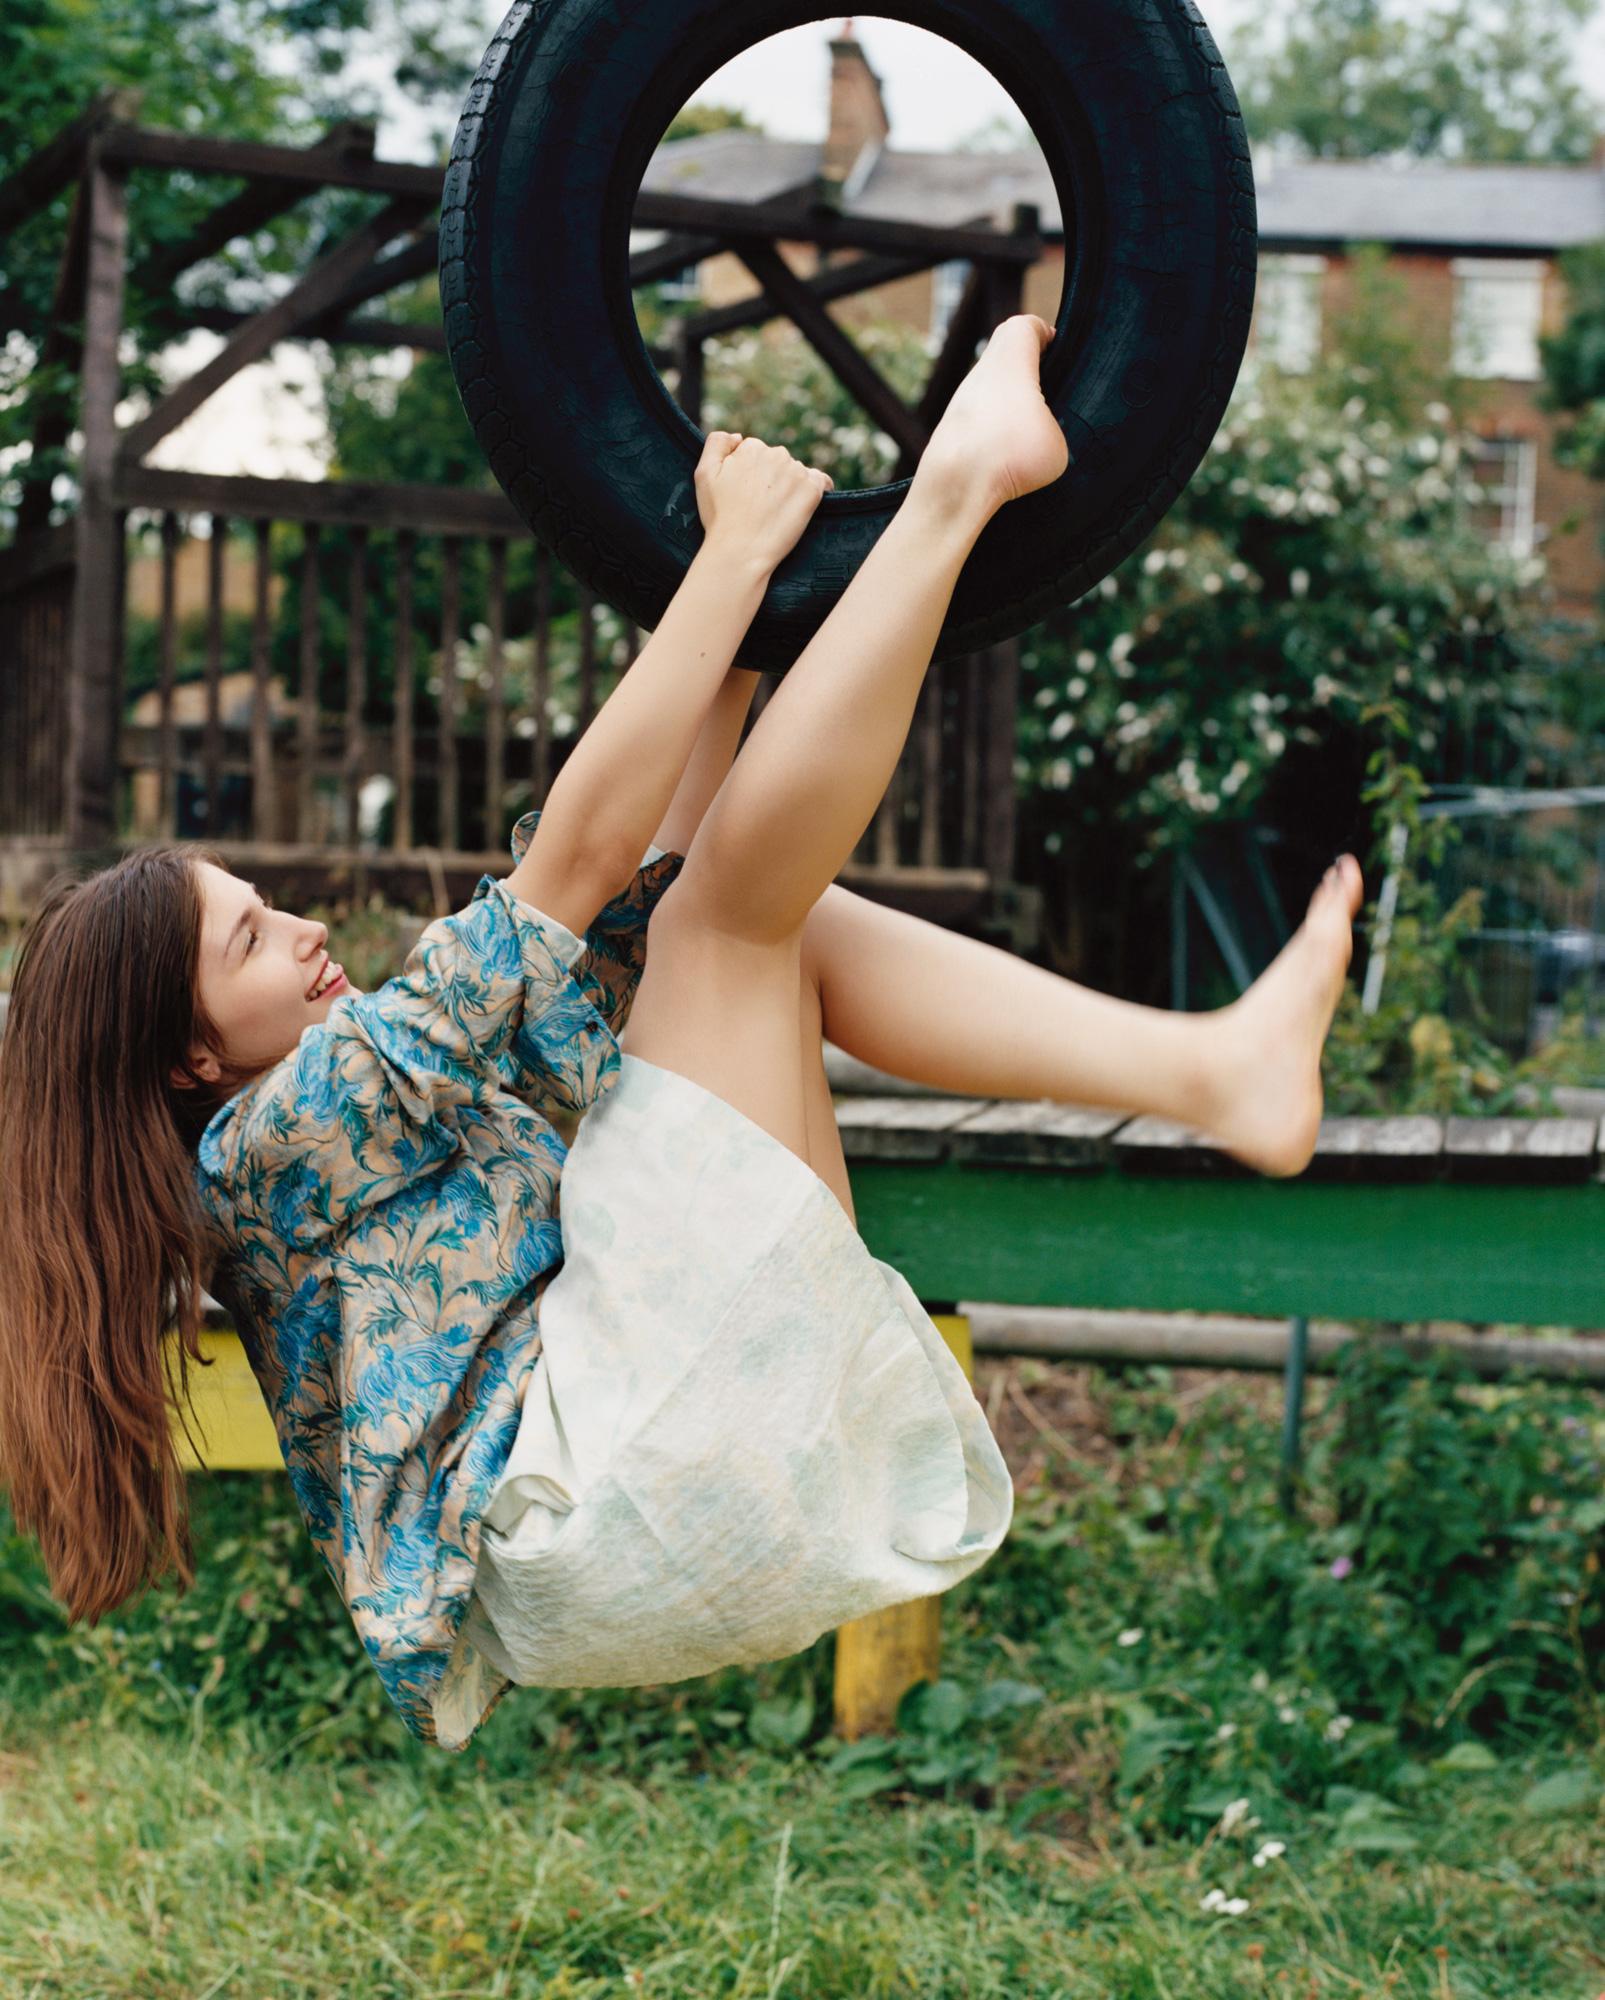 OHP_Vogue_2FinalB.jpg